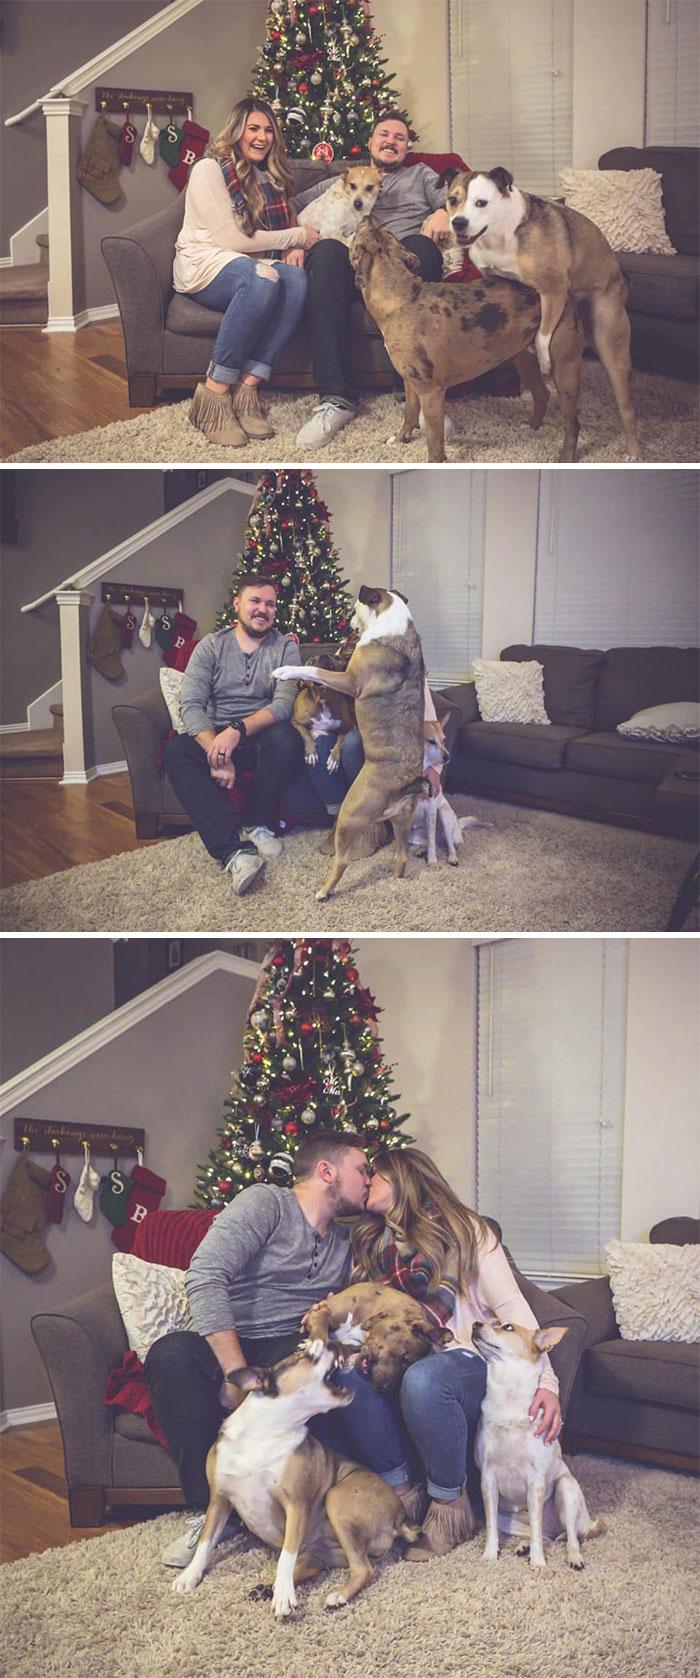 Галерея дурацких рождественских фотографий, которые испортили собаки | Канобу - Изображение 5911